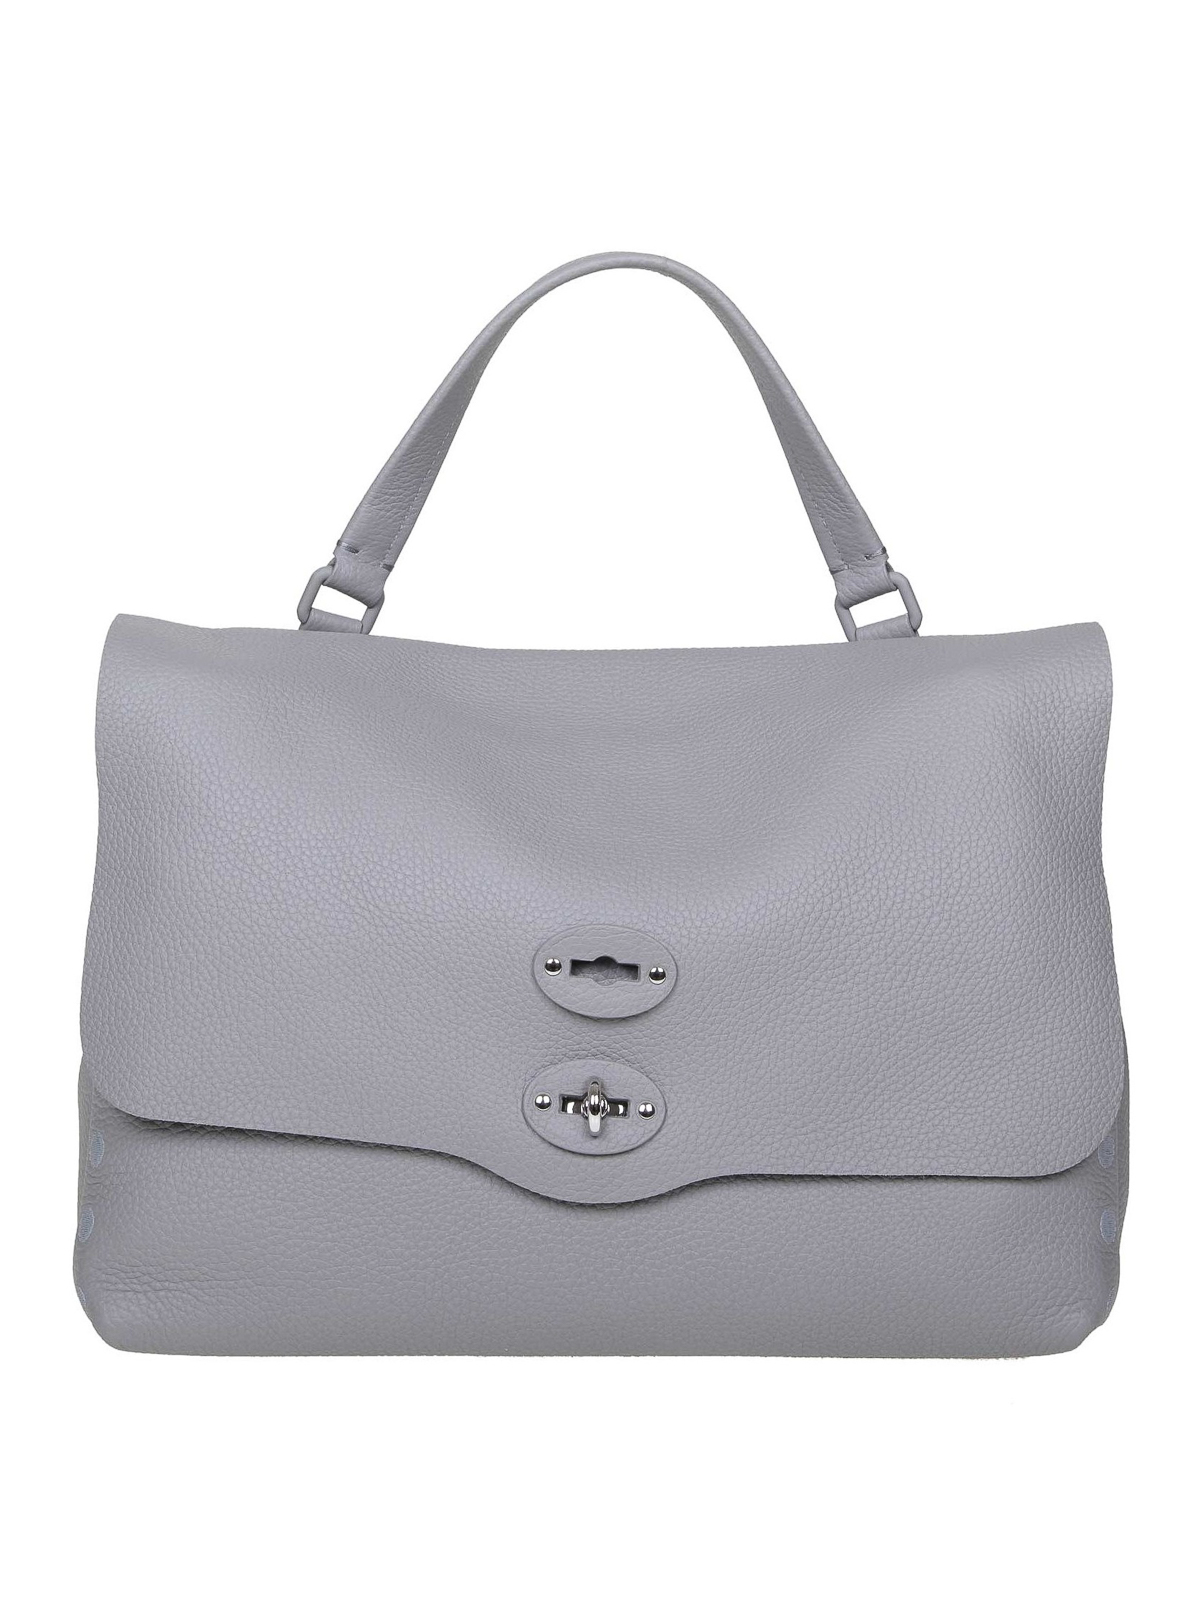 Zanellato Postina M Pura Grey Leather Bag